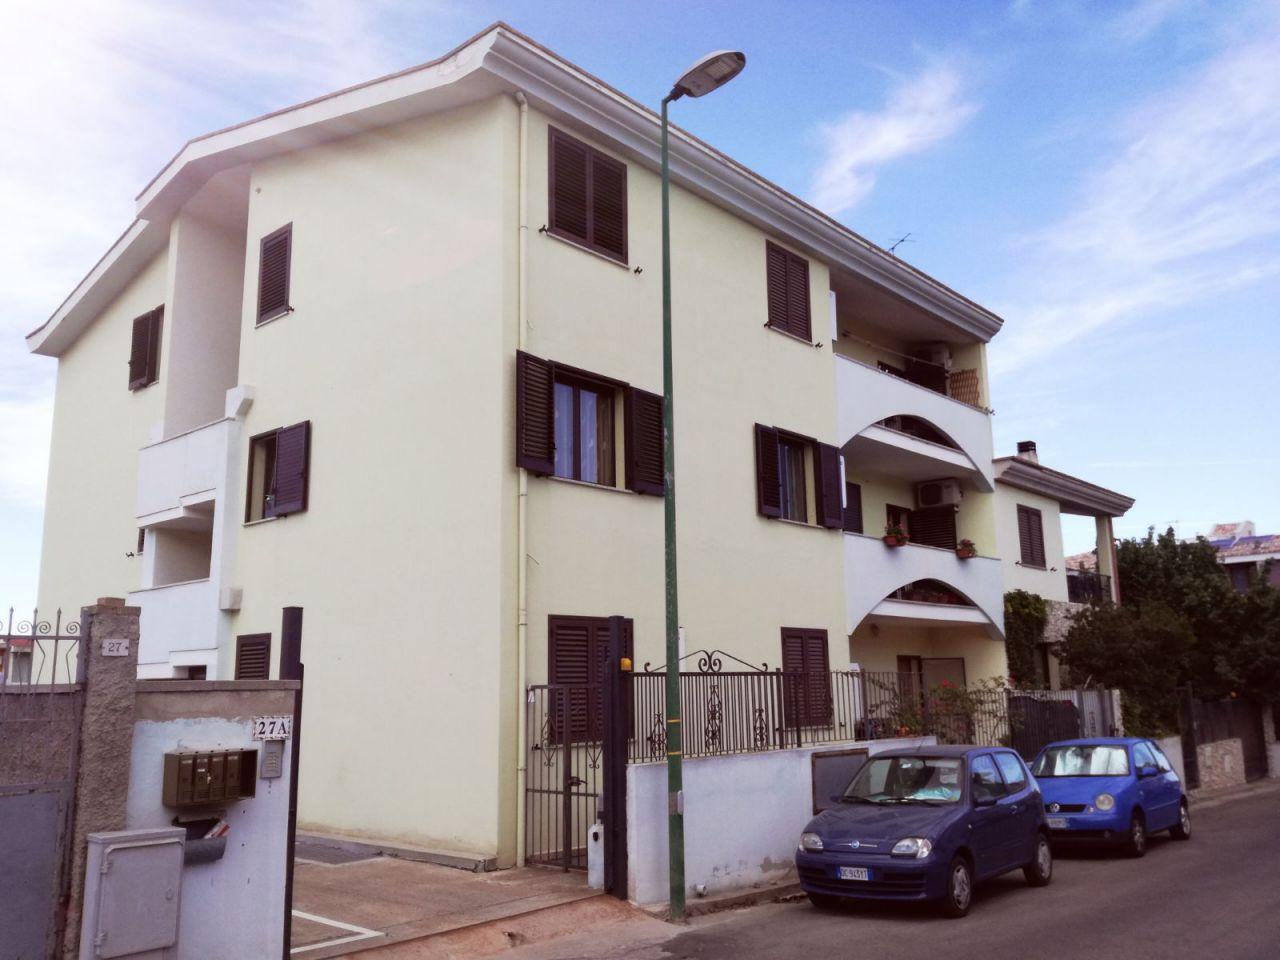 Appartamento in vendita a Capoterra, 3 locali, prezzo € 90.000   CambioCasa.it